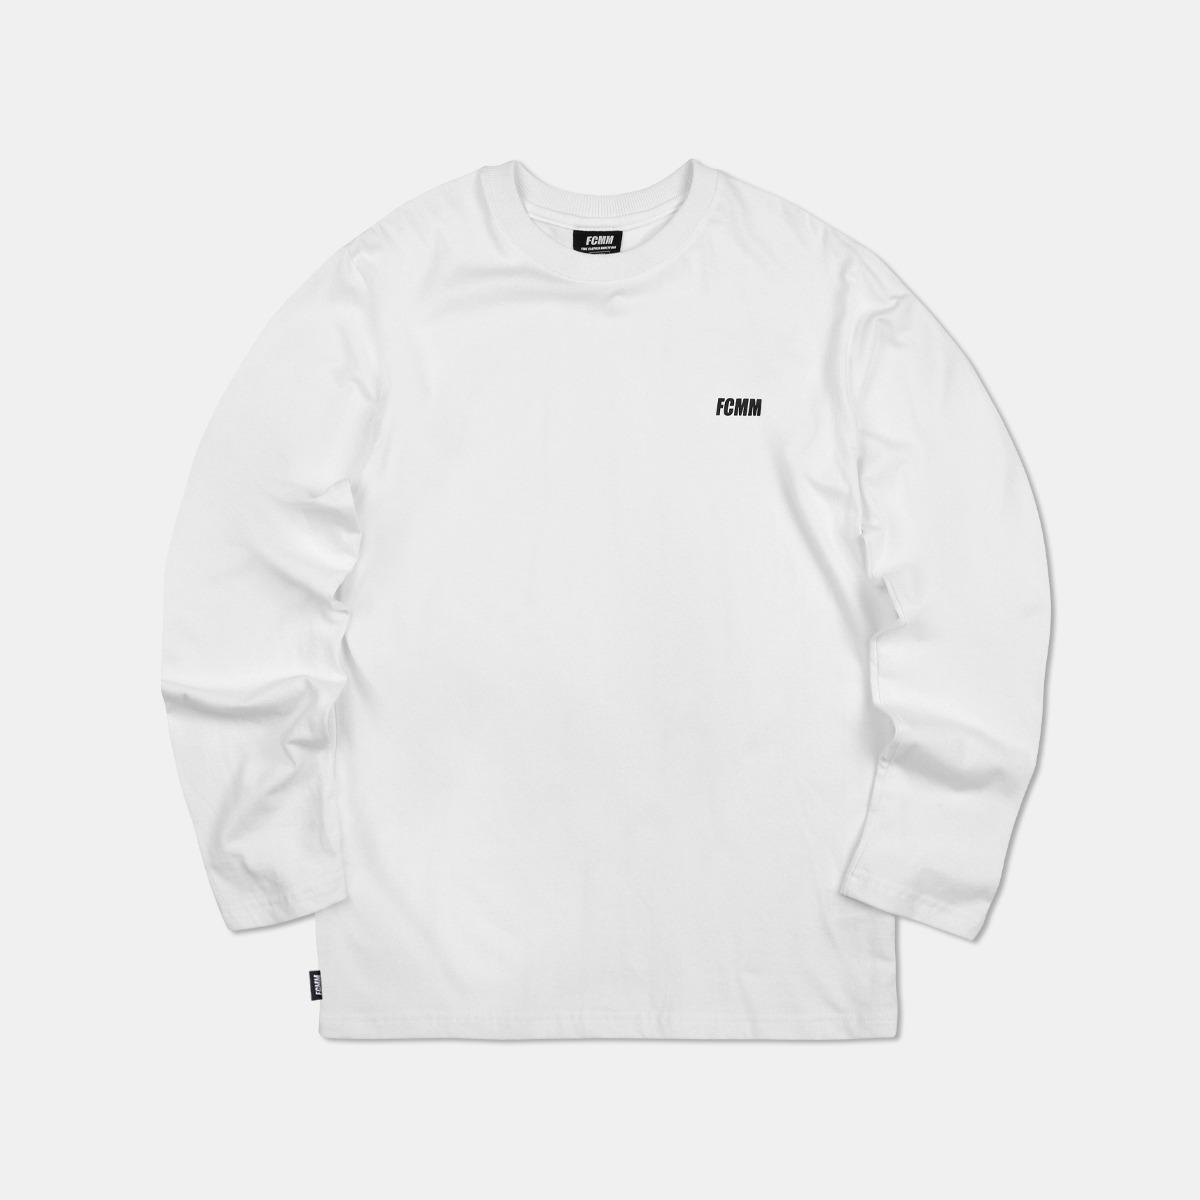 클럽 롱슬리브 티셔츠 - 화이트